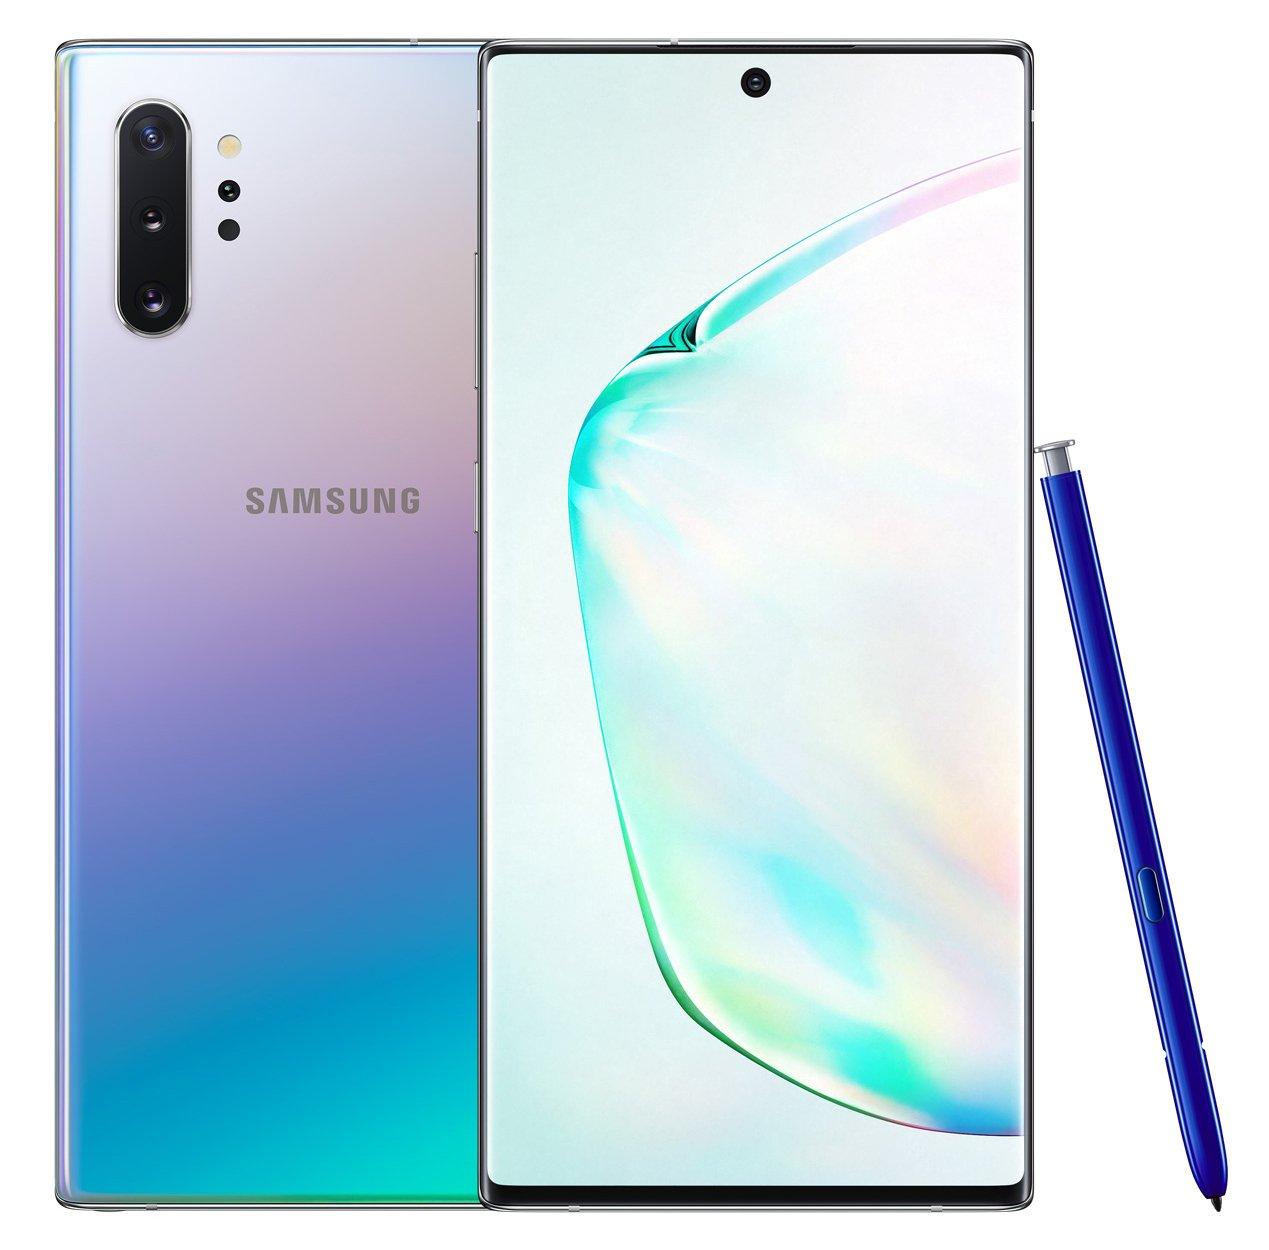 SIM Free Samsung Galaxy Note 10+ 256GB – Glow – Pre Order